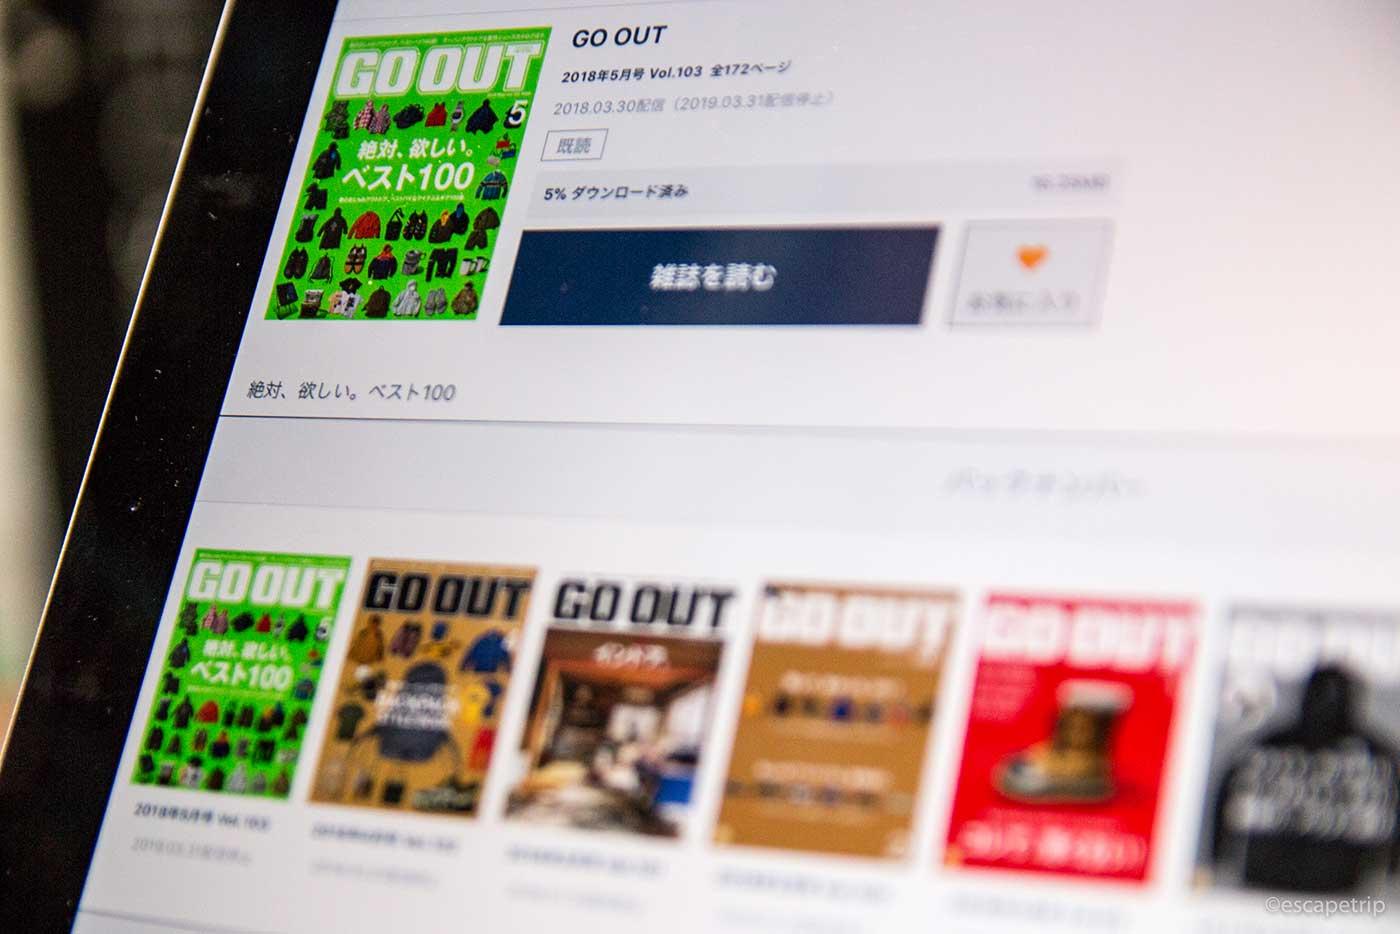 楽天マガジンのアプリに表示されたGOOUT